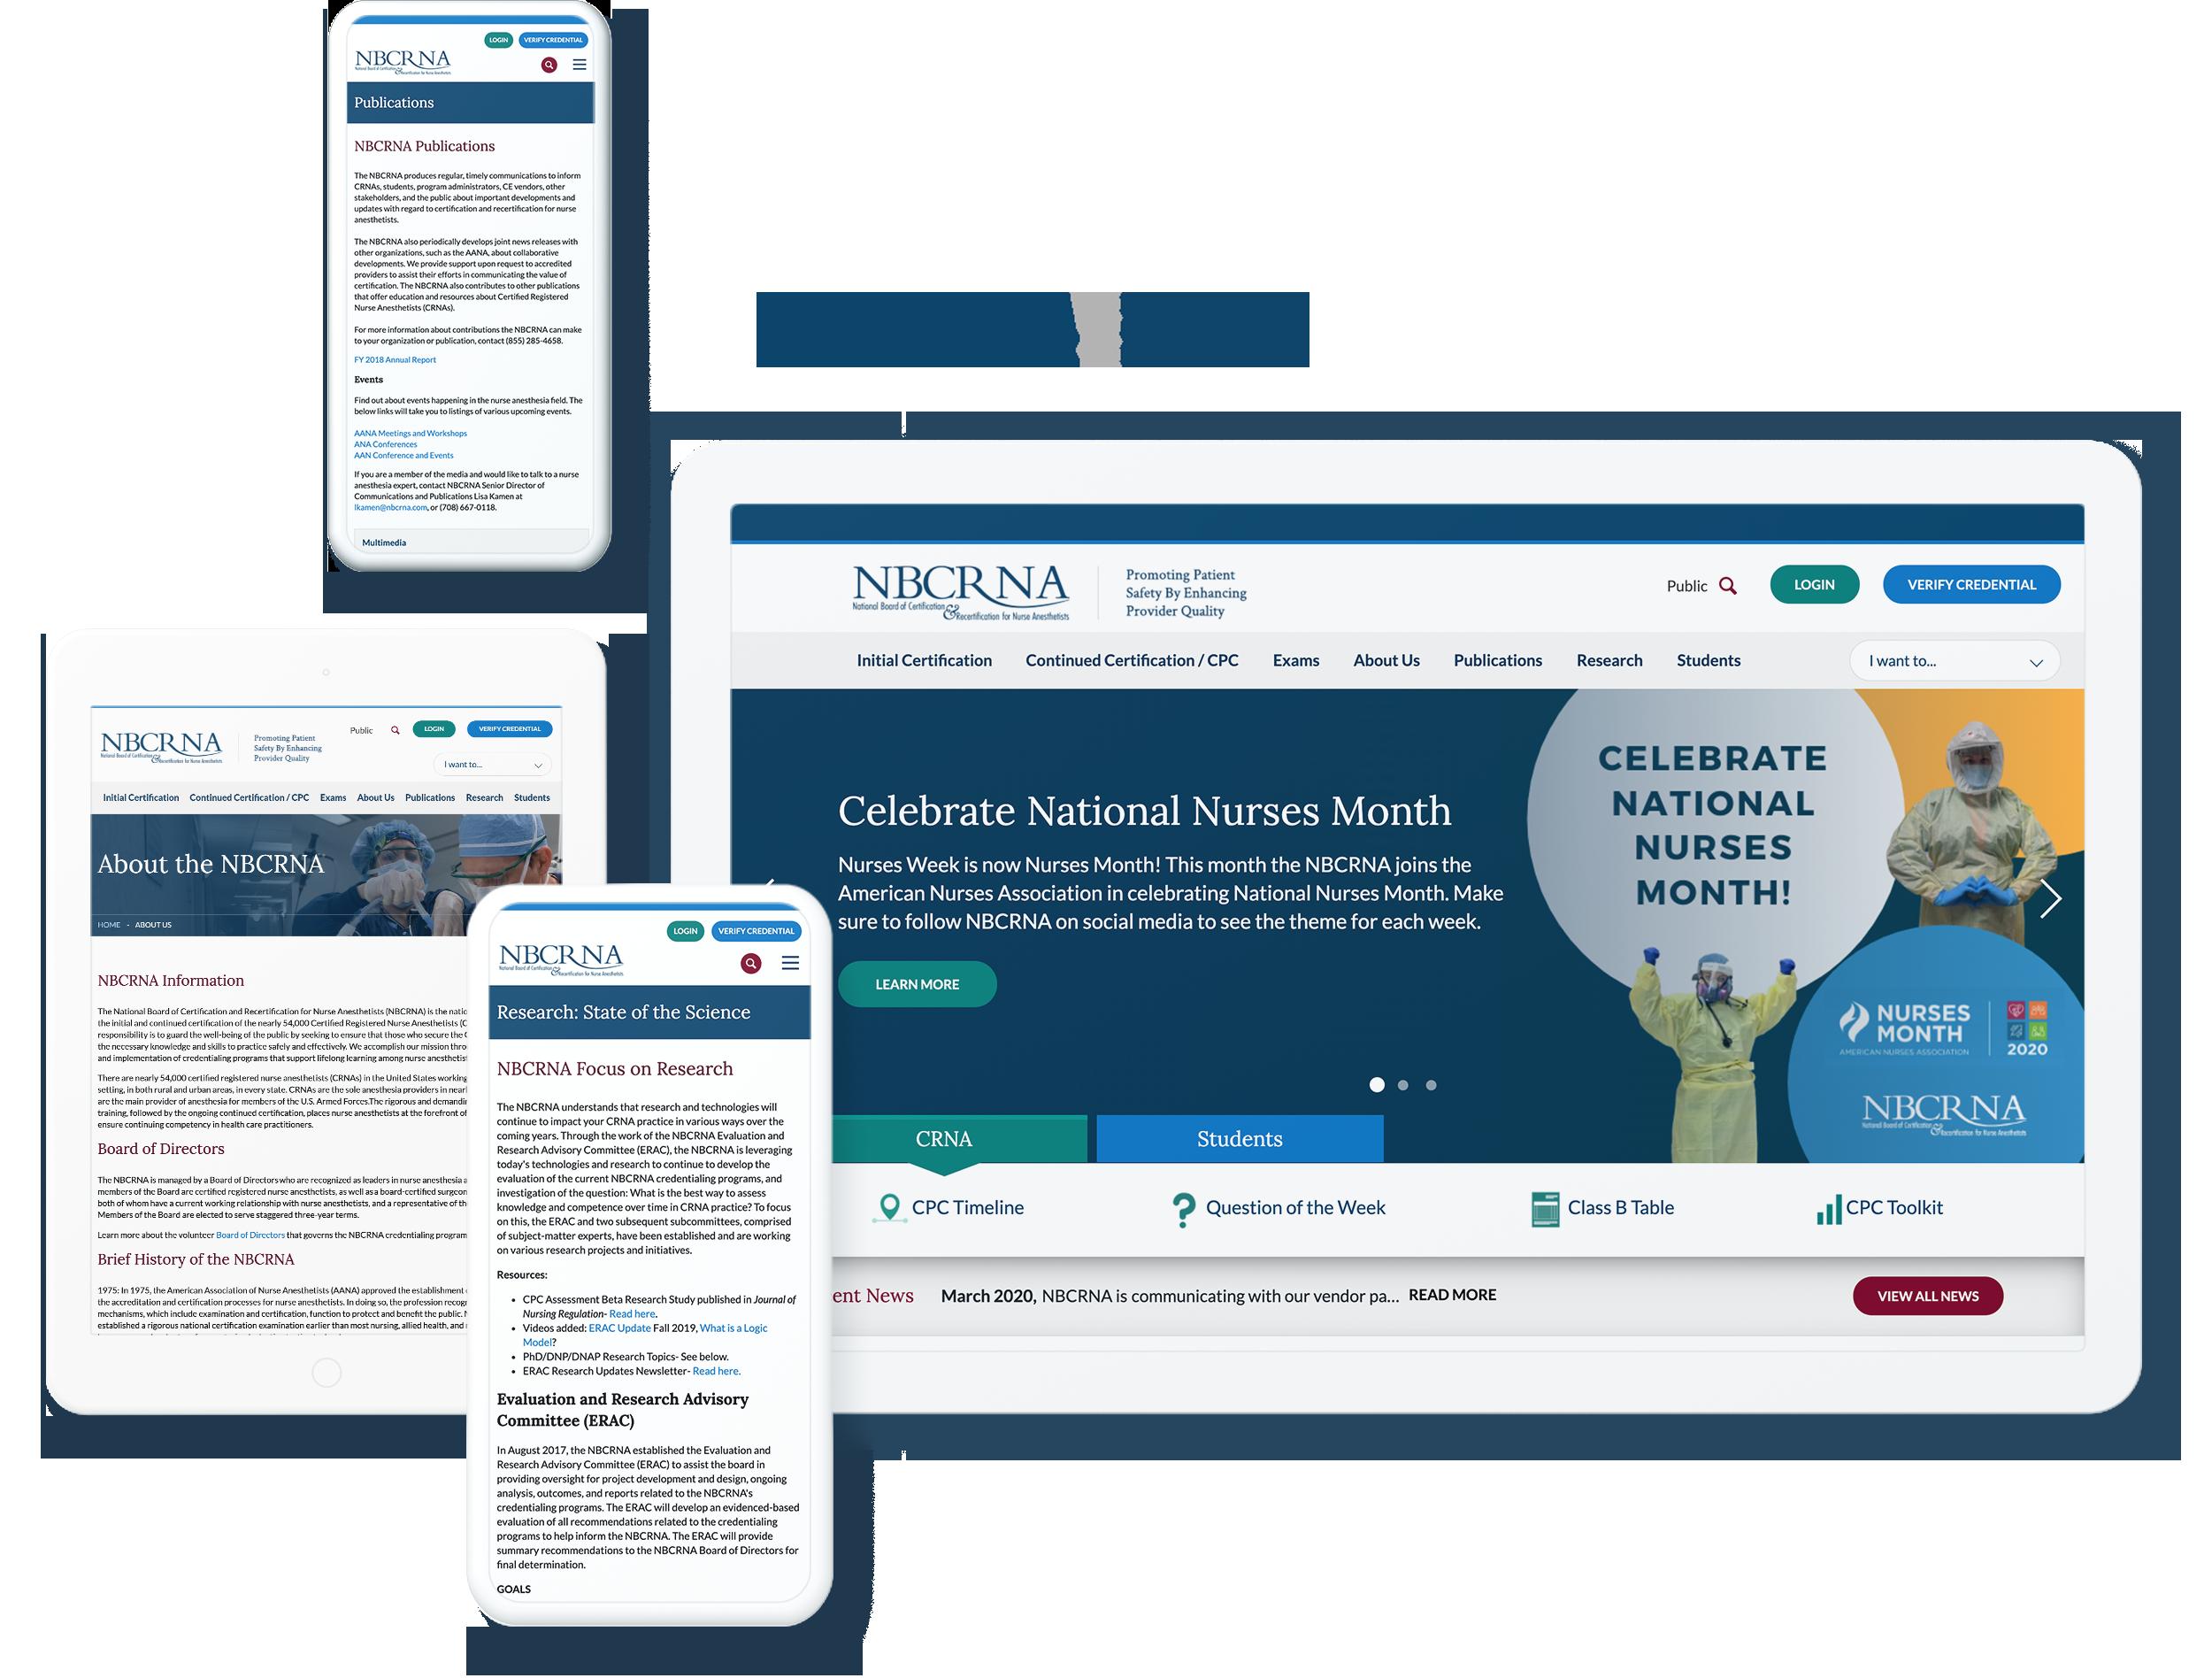 NBCRNA_Spotlight